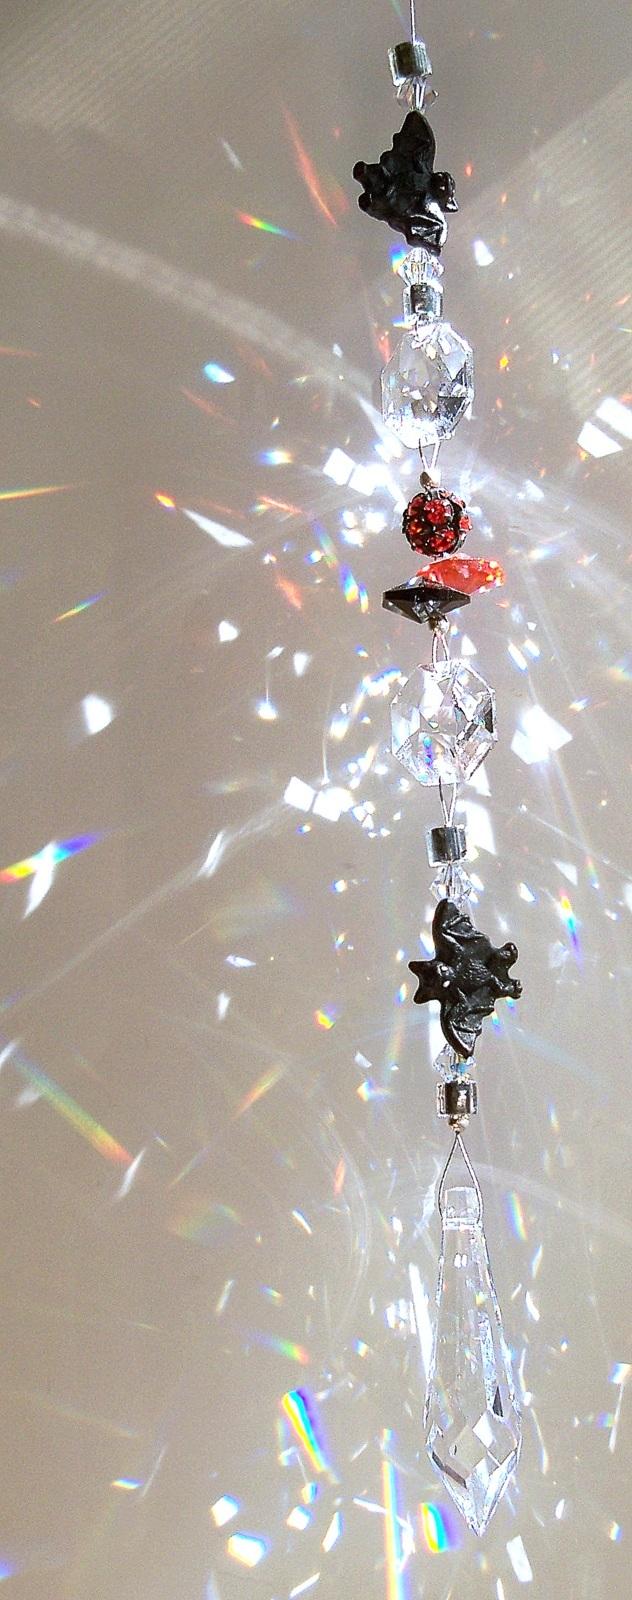 Gallery hero zoom 1b6f85ed fd09 4c04 a574 23348c60dbc2